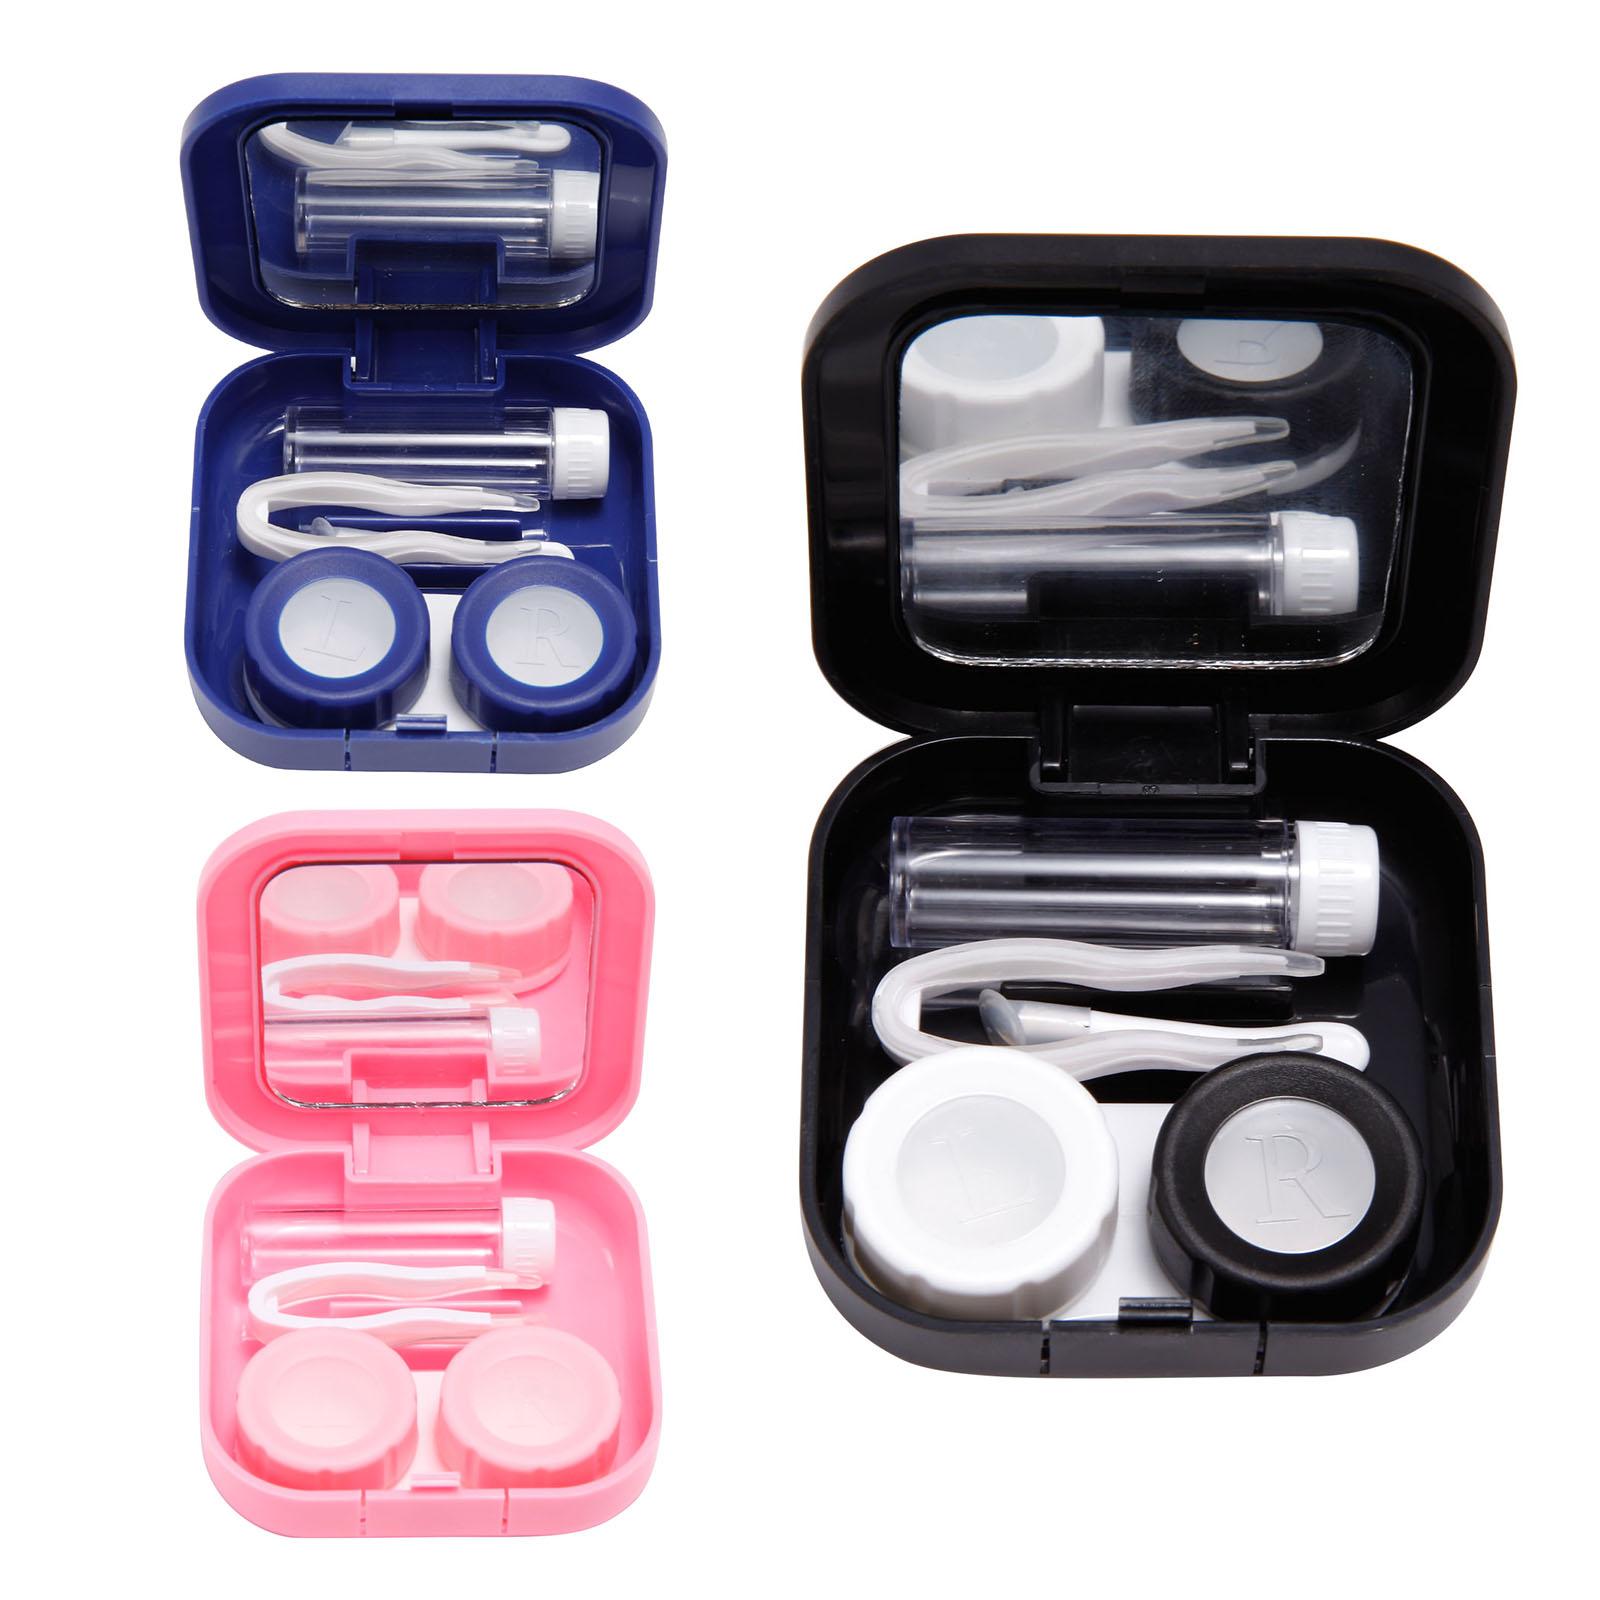 Juego port til de estuche caja para lentillas lente de - Estuche para lentillas ...